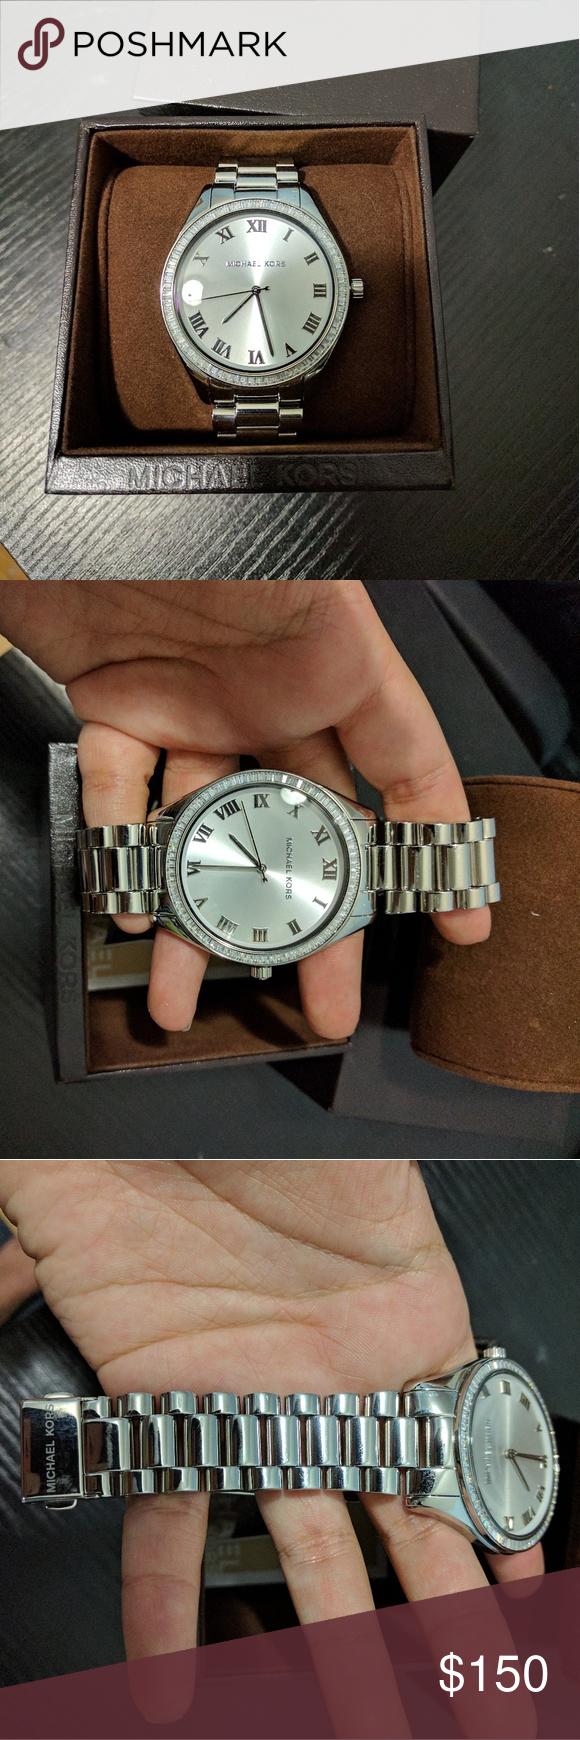 c4404d09480a Michael Kors Blake Silver Tone Watch Style    MK3243W Case size  41.5 mm  Case